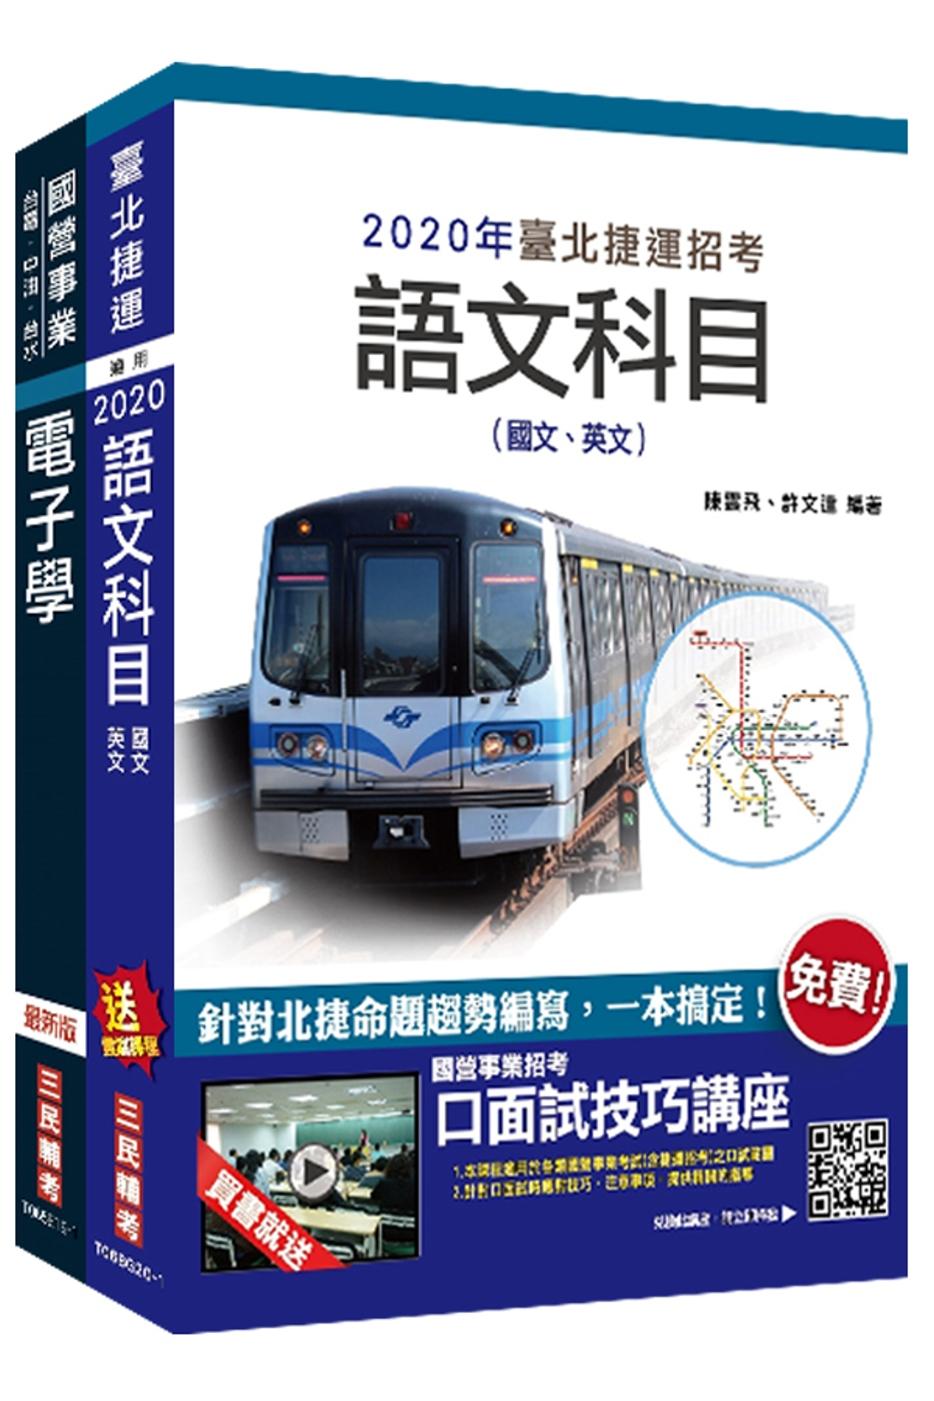 2020年臺北捷運[技術員](電子維修類)套書(台北捷運招考適用)